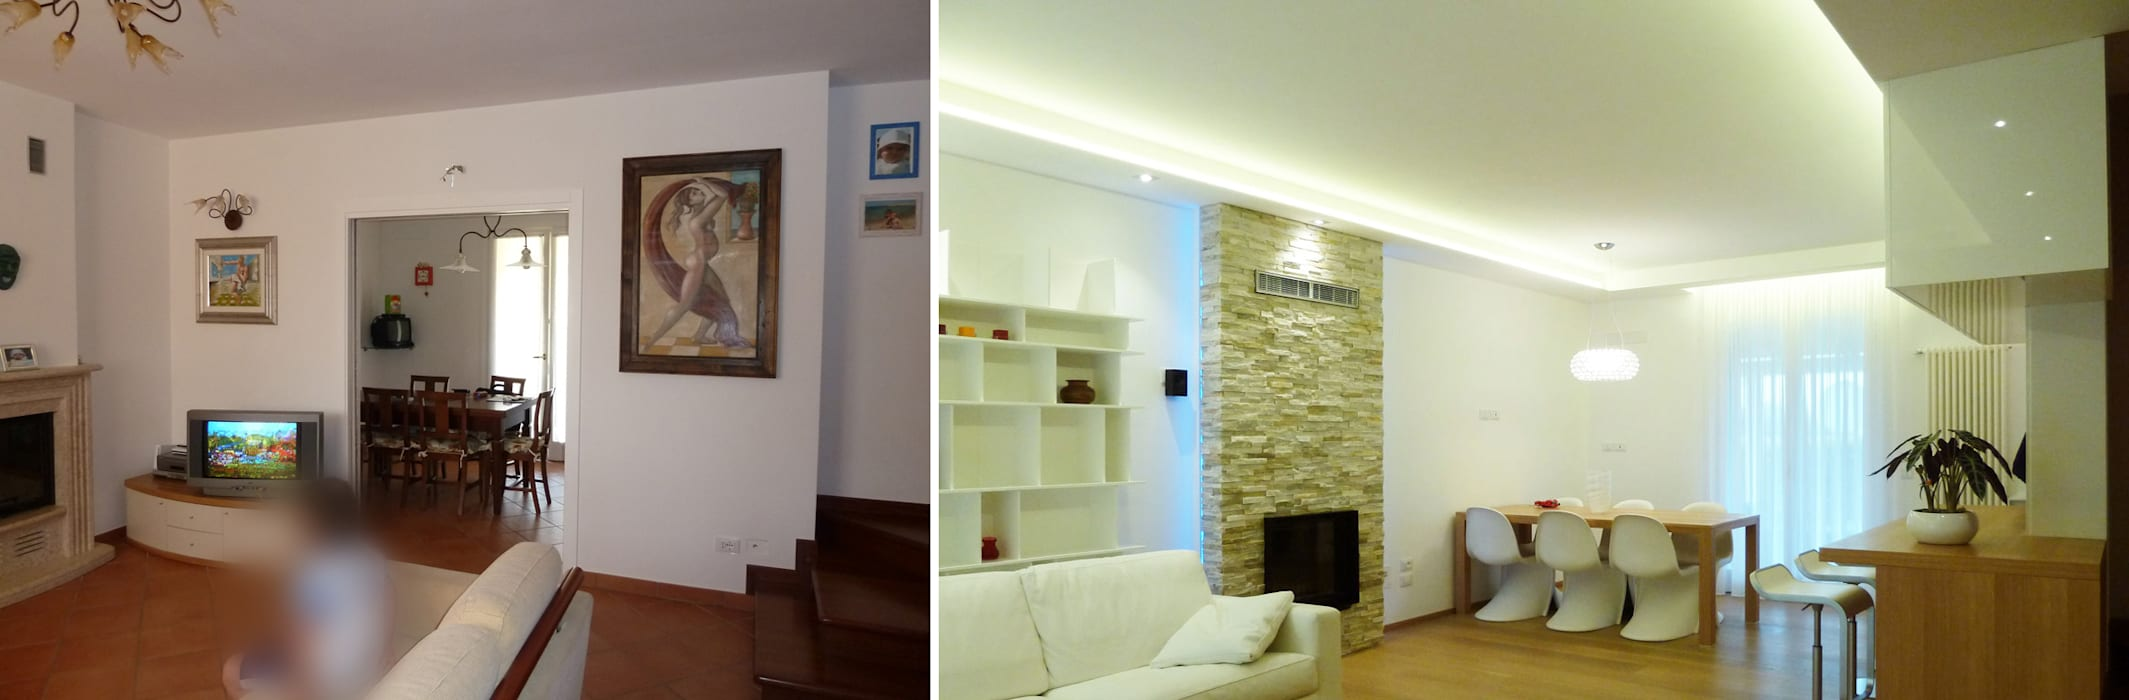 Il soggiorno-pranzo prima e dopo: Soggiorno in stile  di Studio Massimo Rinaldo architetto